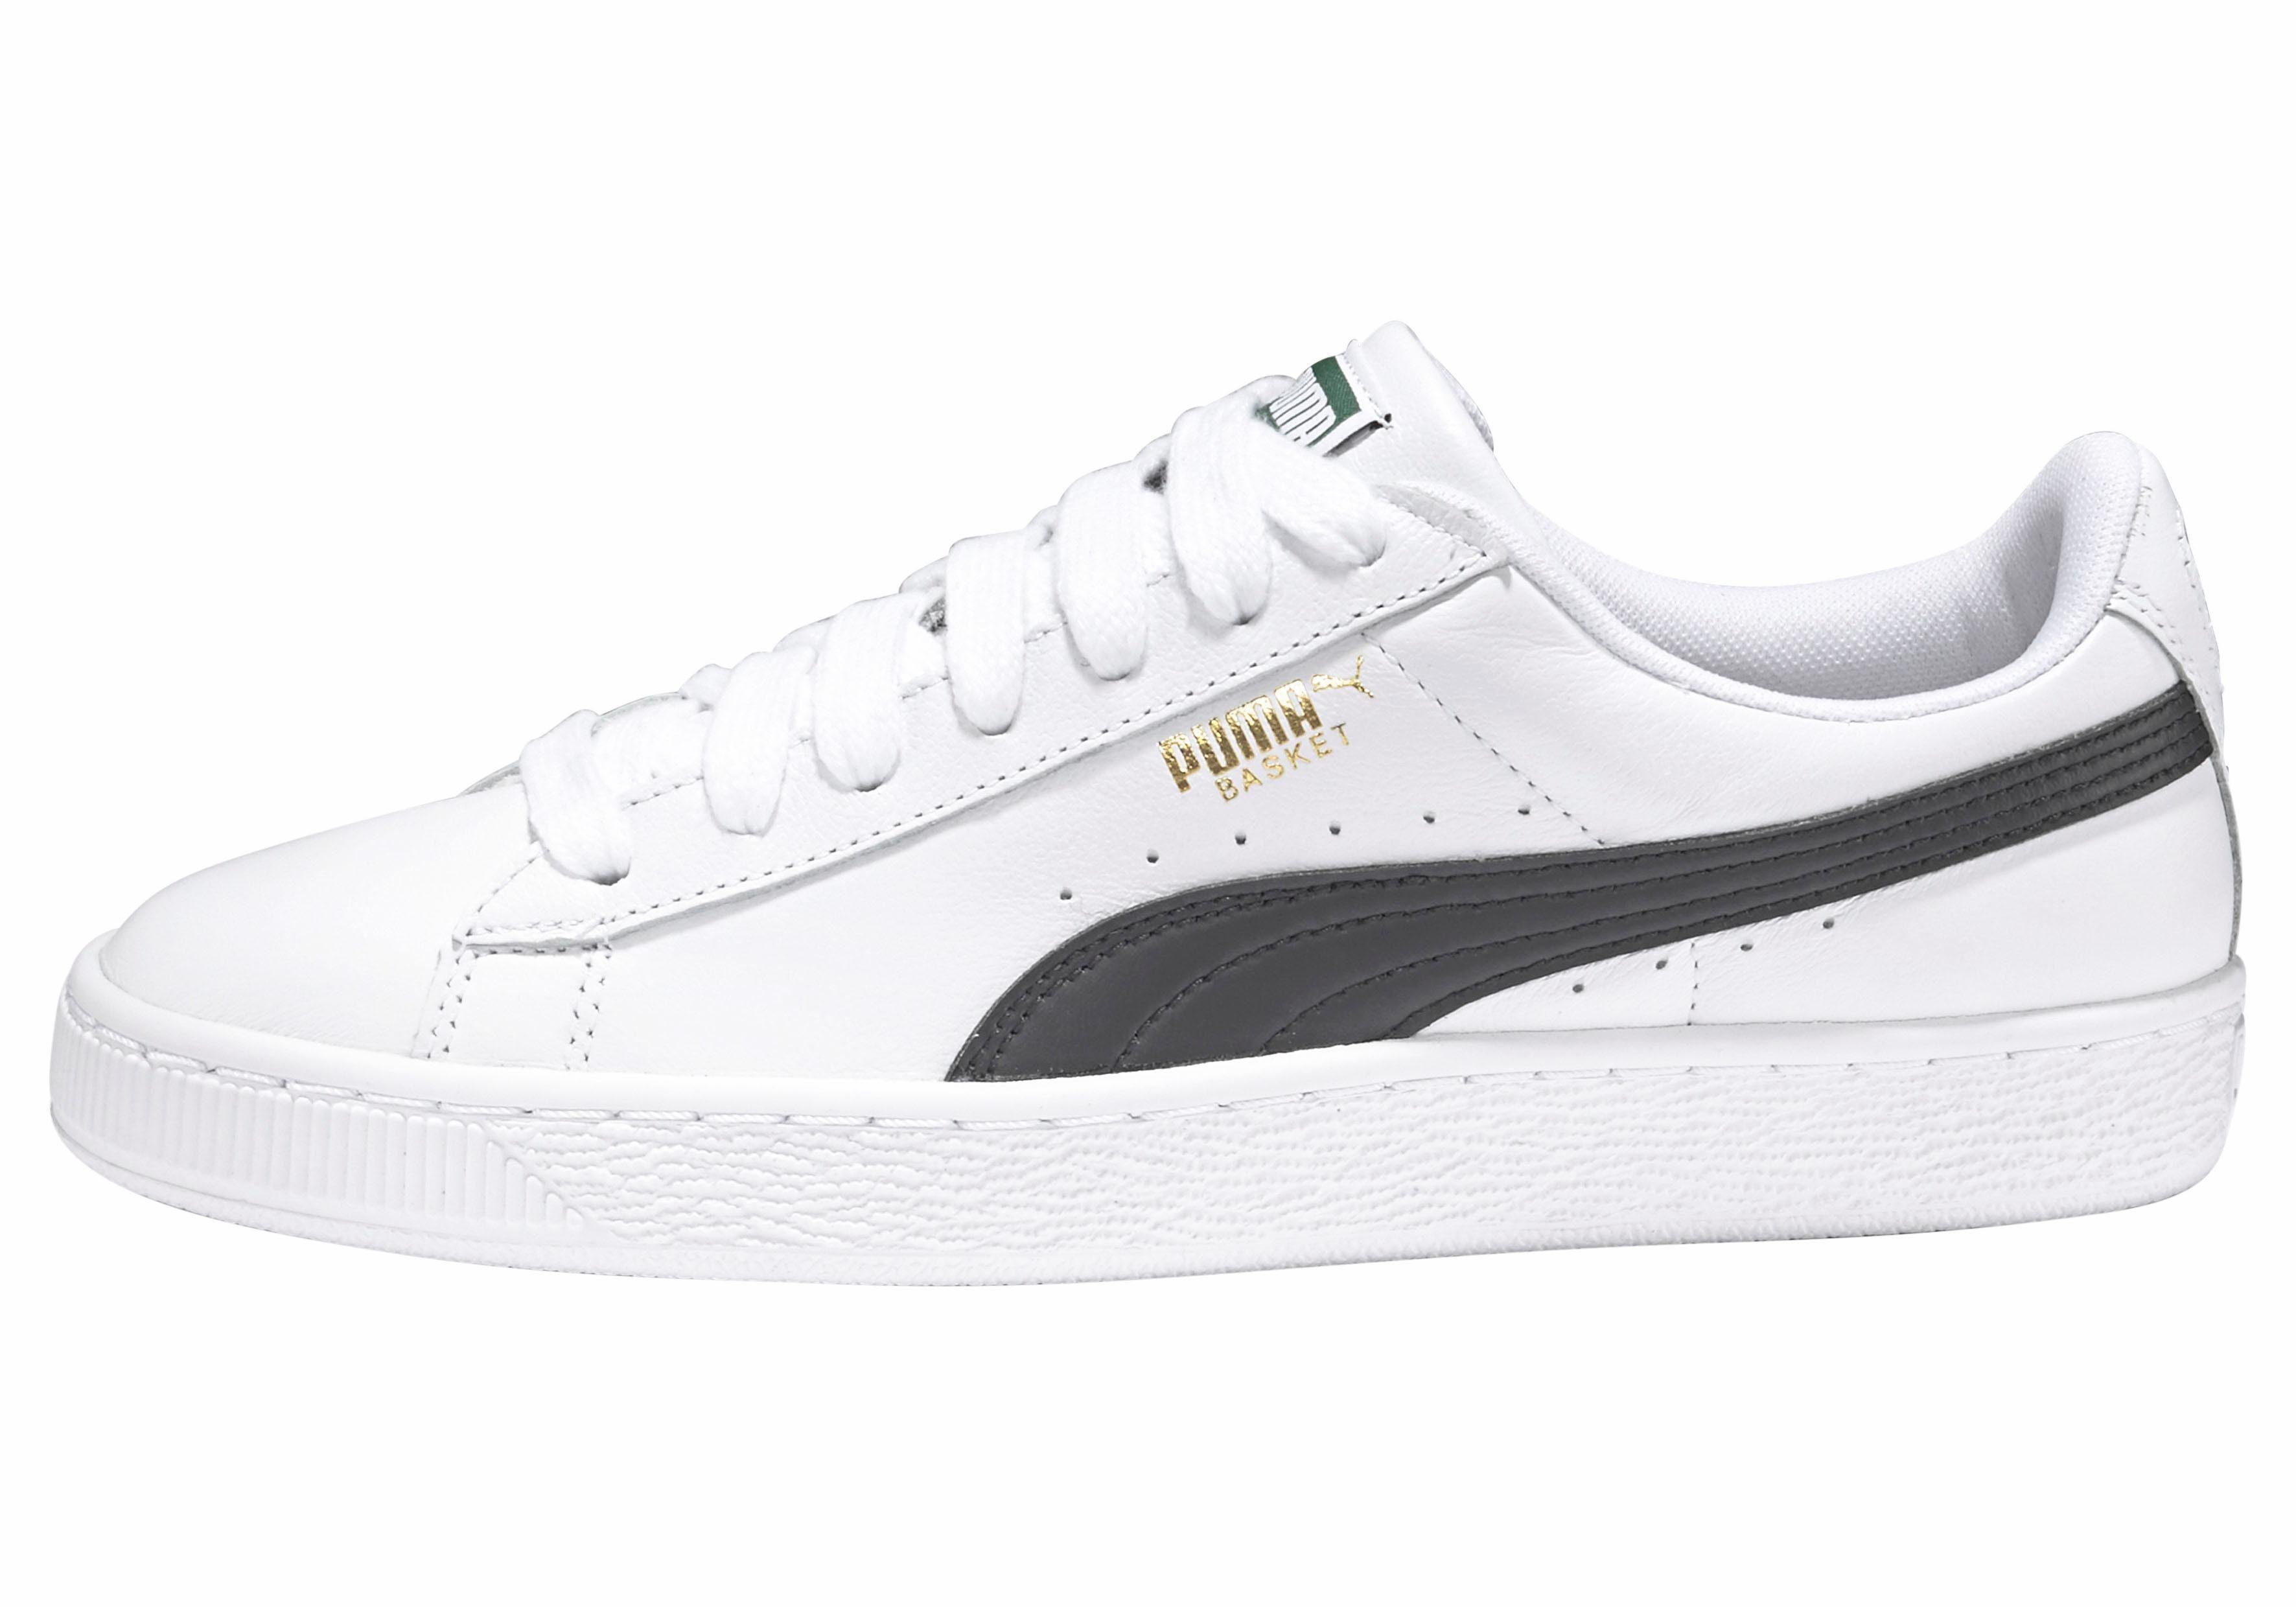 PUMA Basket Classic LFS Sneaker online kaufen  weiß-schwarz